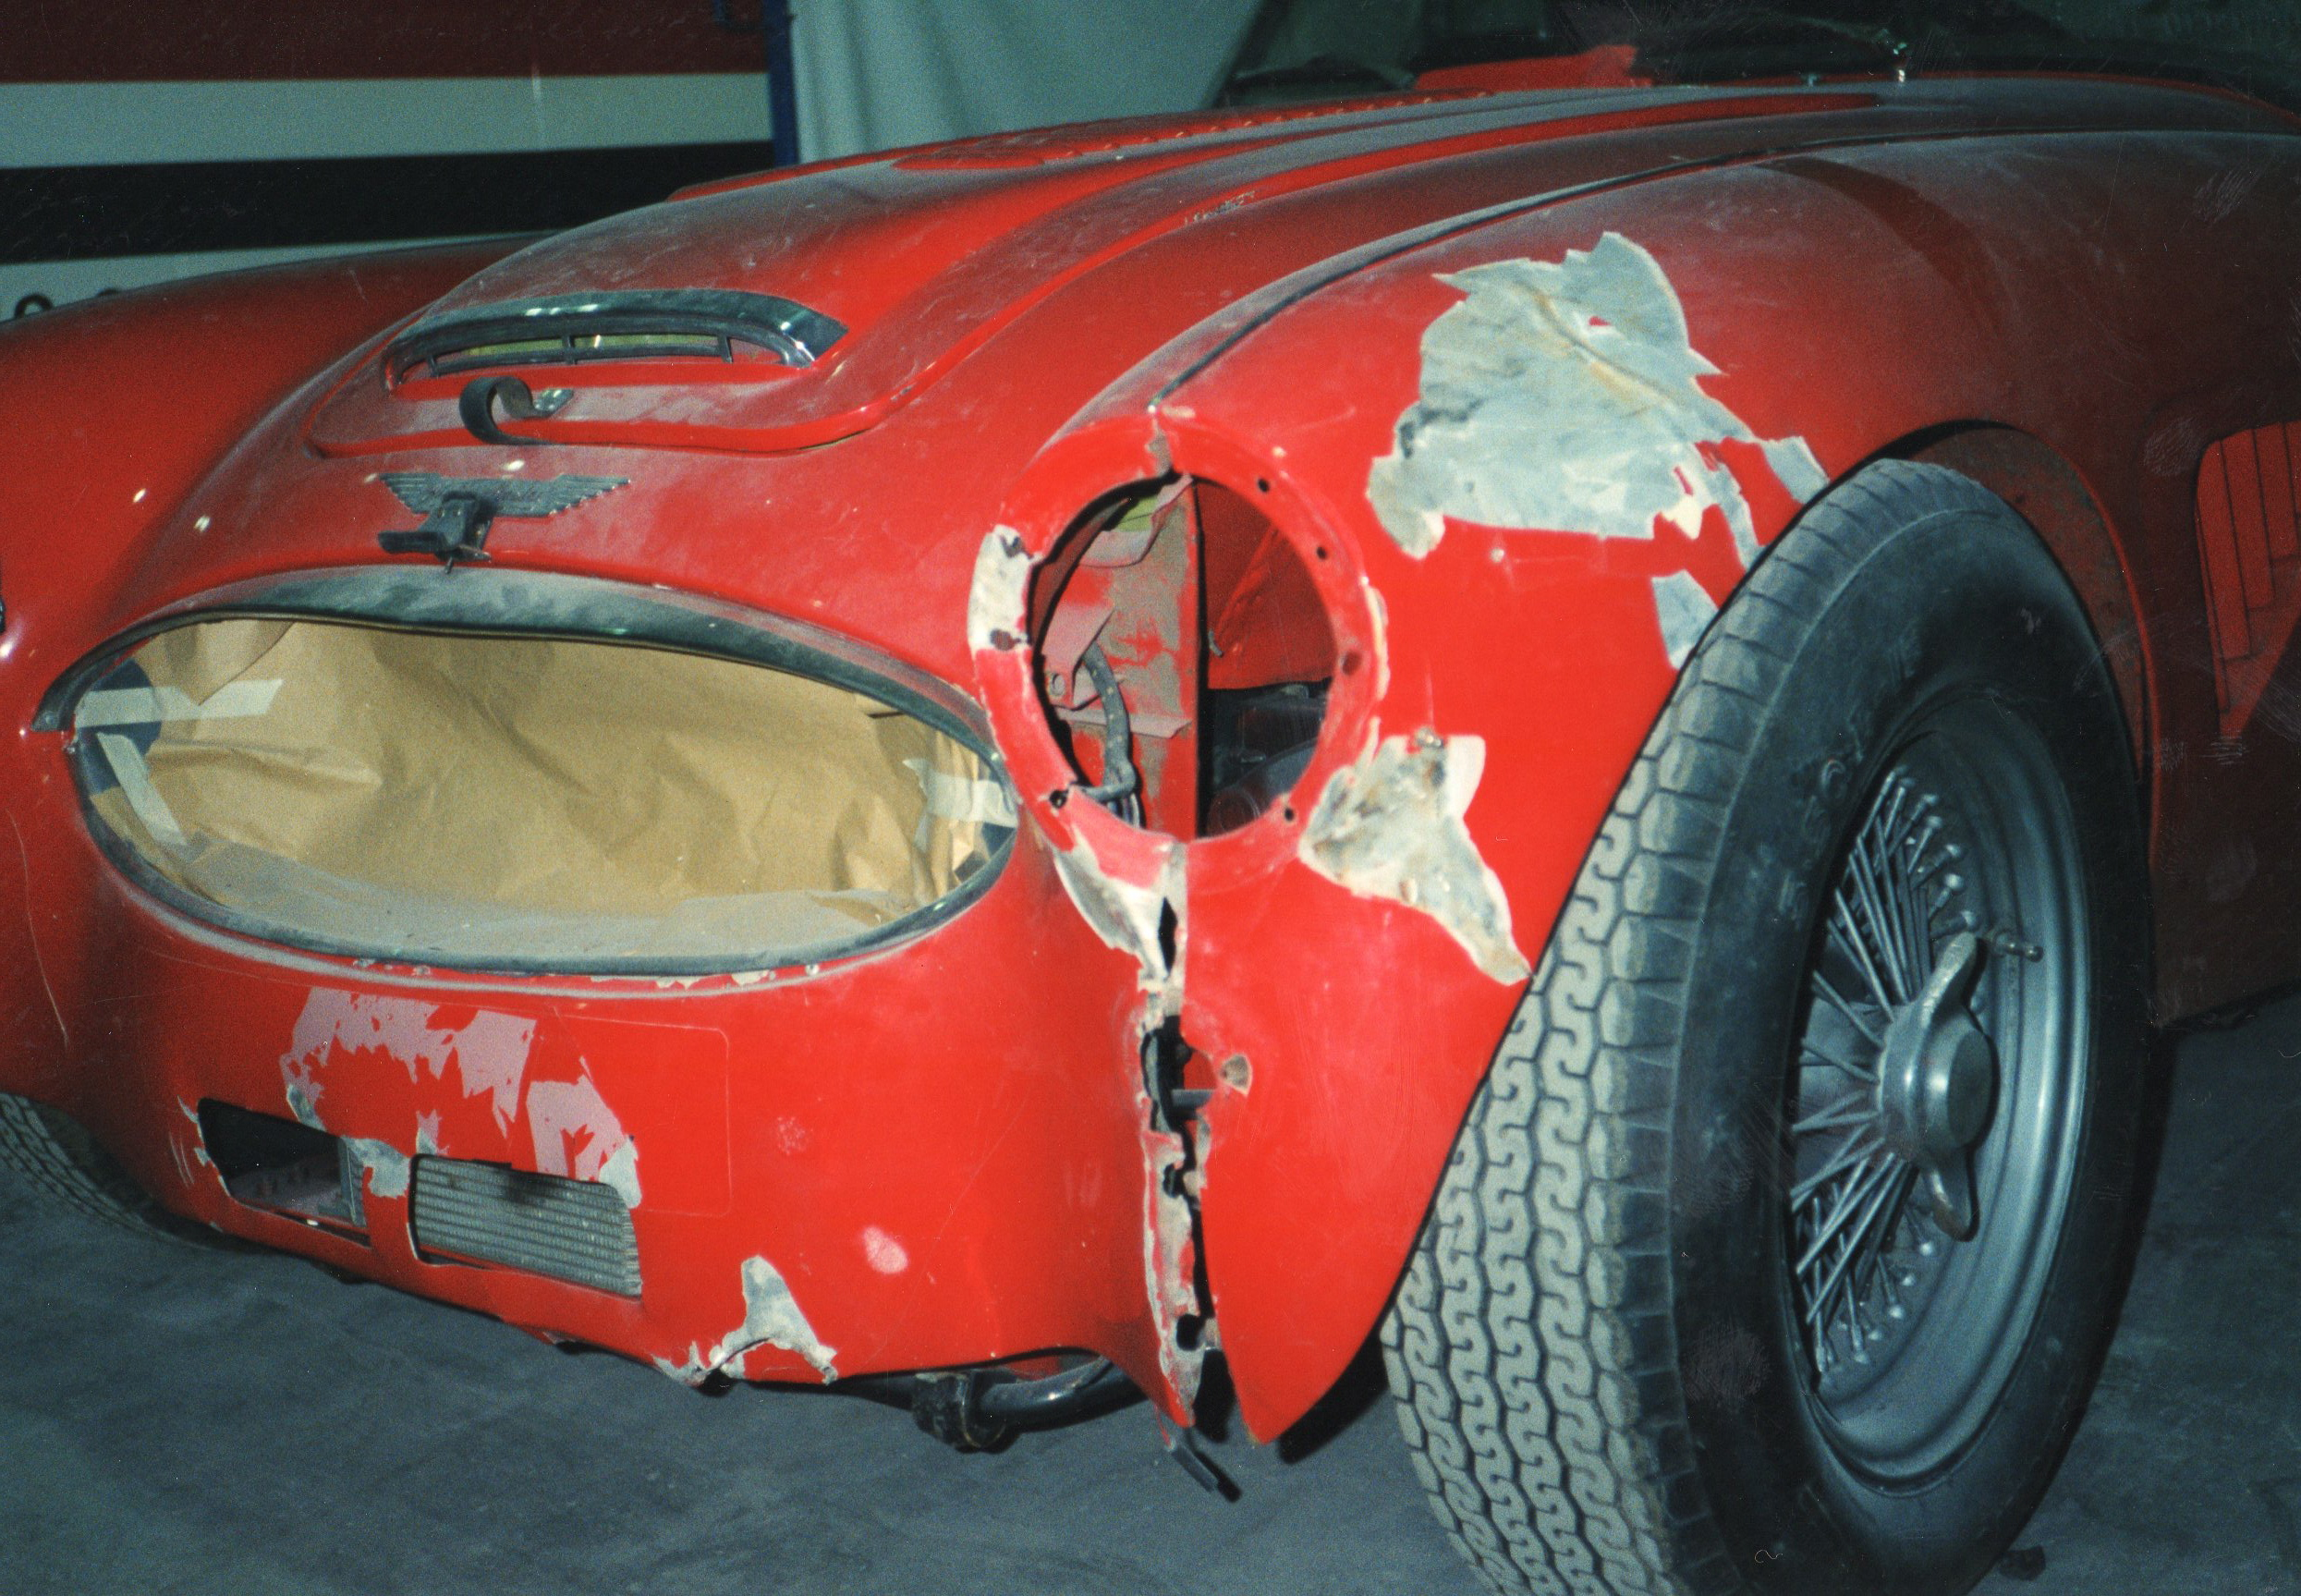 869 TPB v3 more front damage